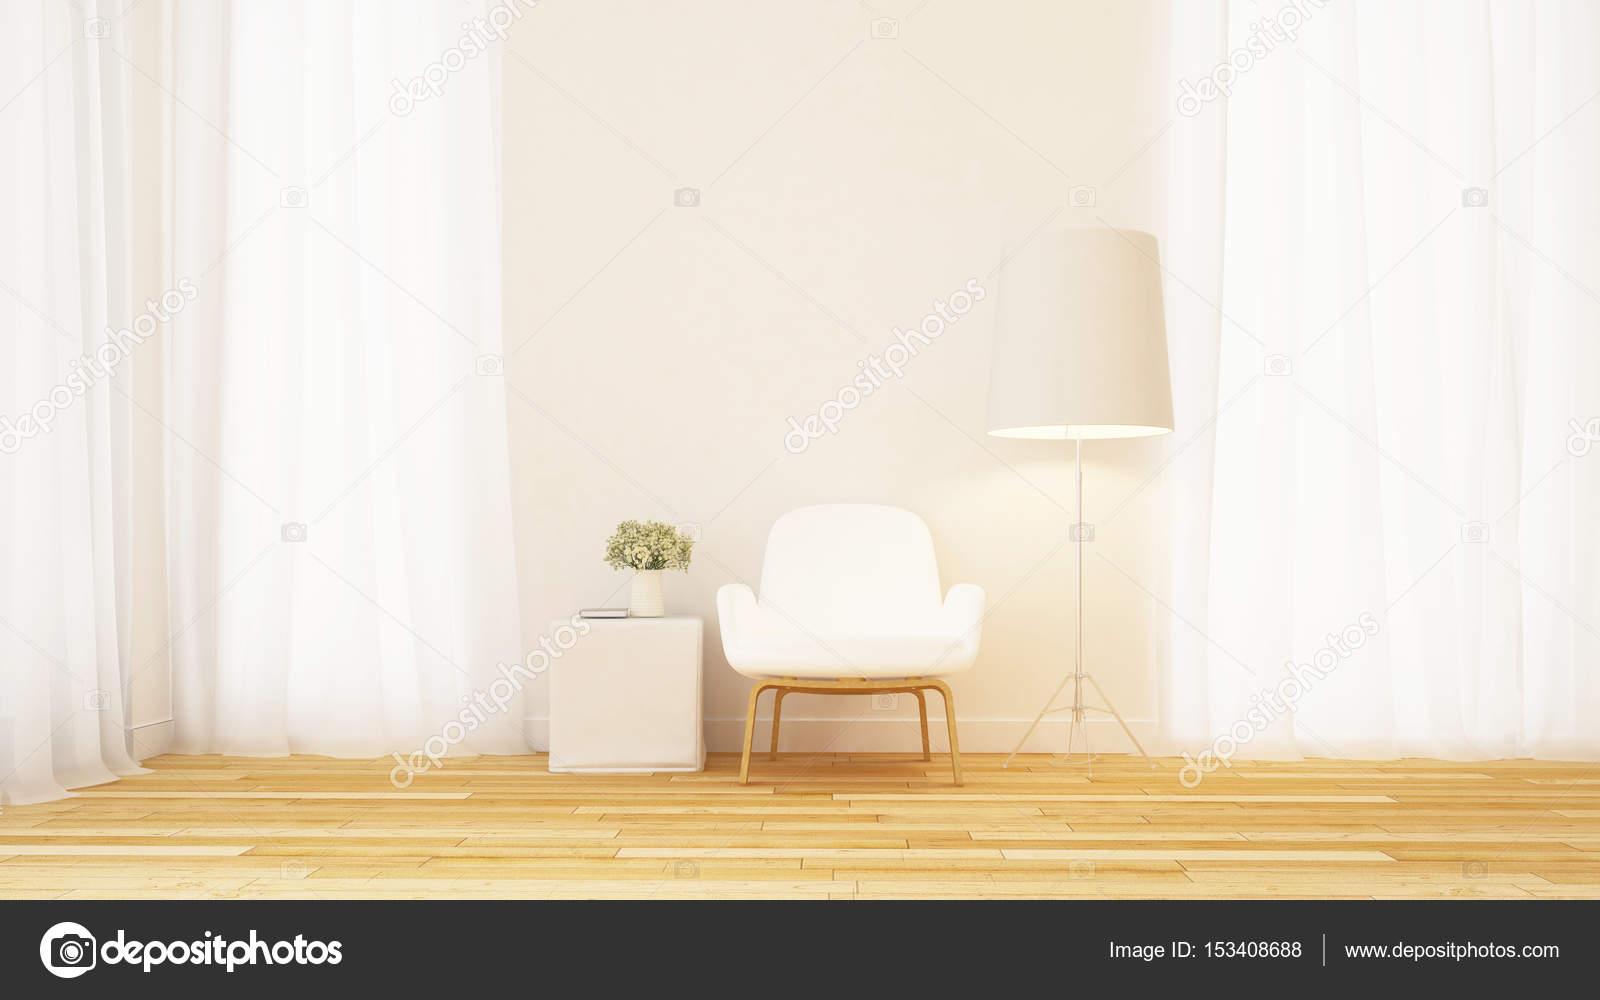 Wohnzimmer oder Bibliothek Bereich sauber entwerfen - 3d Rendering ...